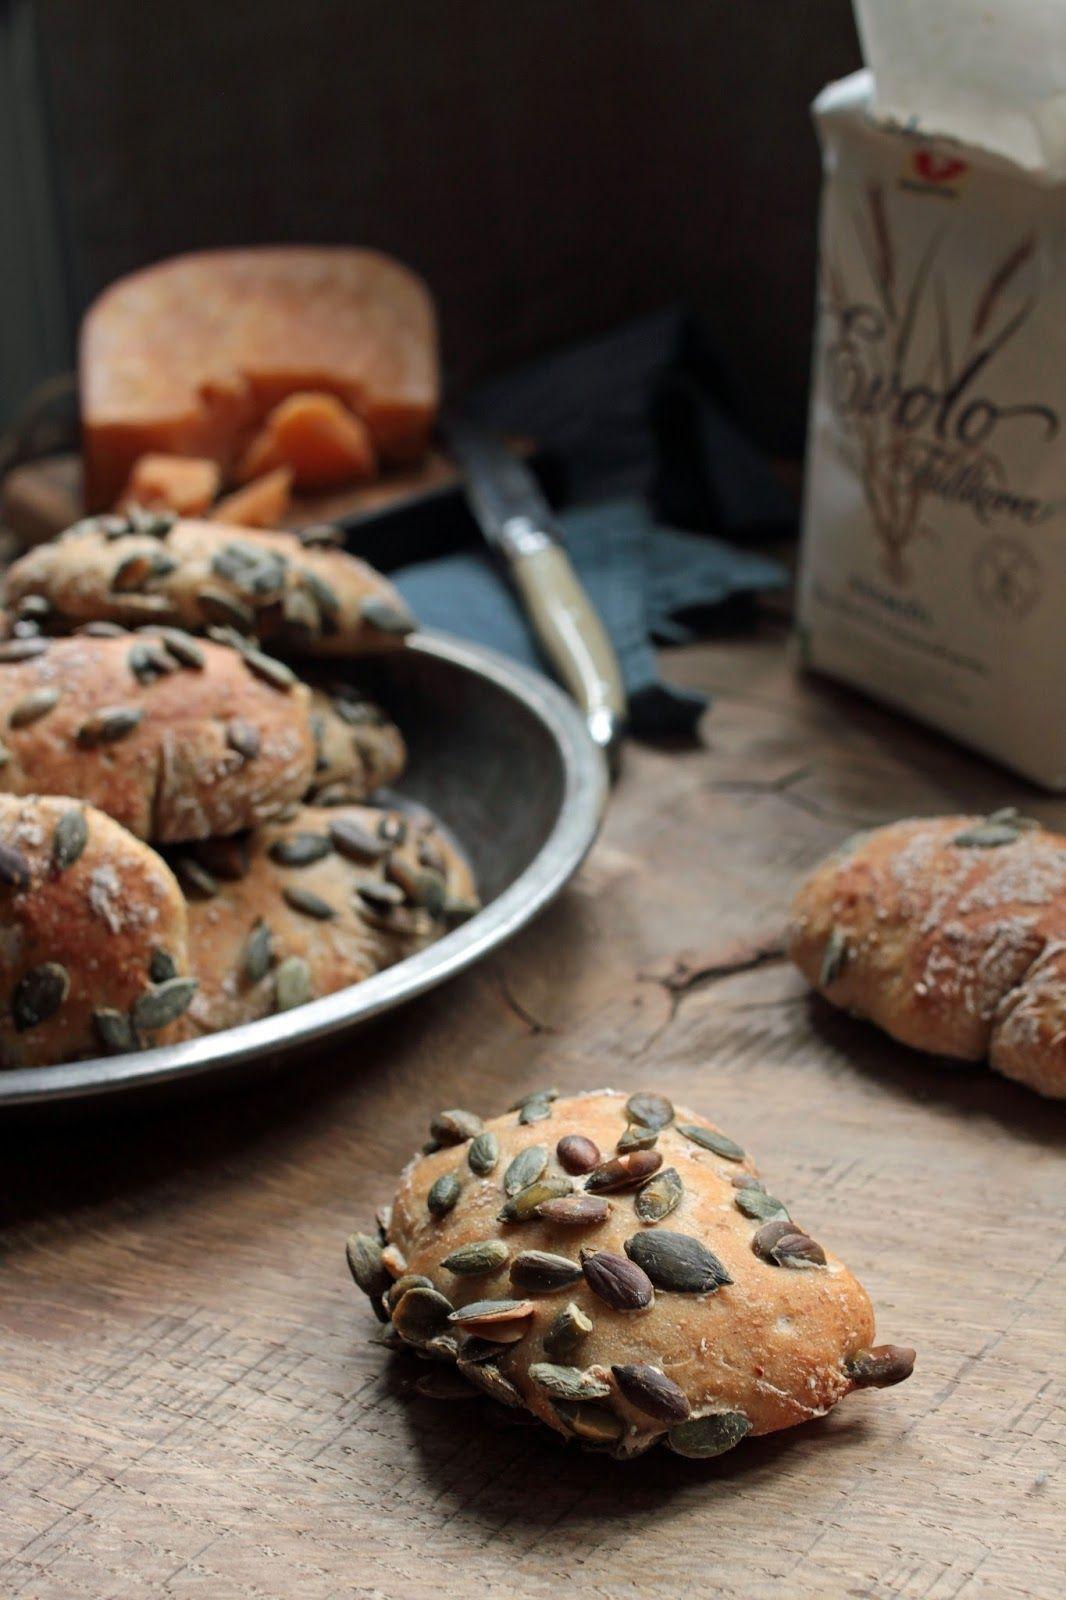 Pistachio: Szybkie szwedzkie bułki śniadaniowe z pestkami dyni.